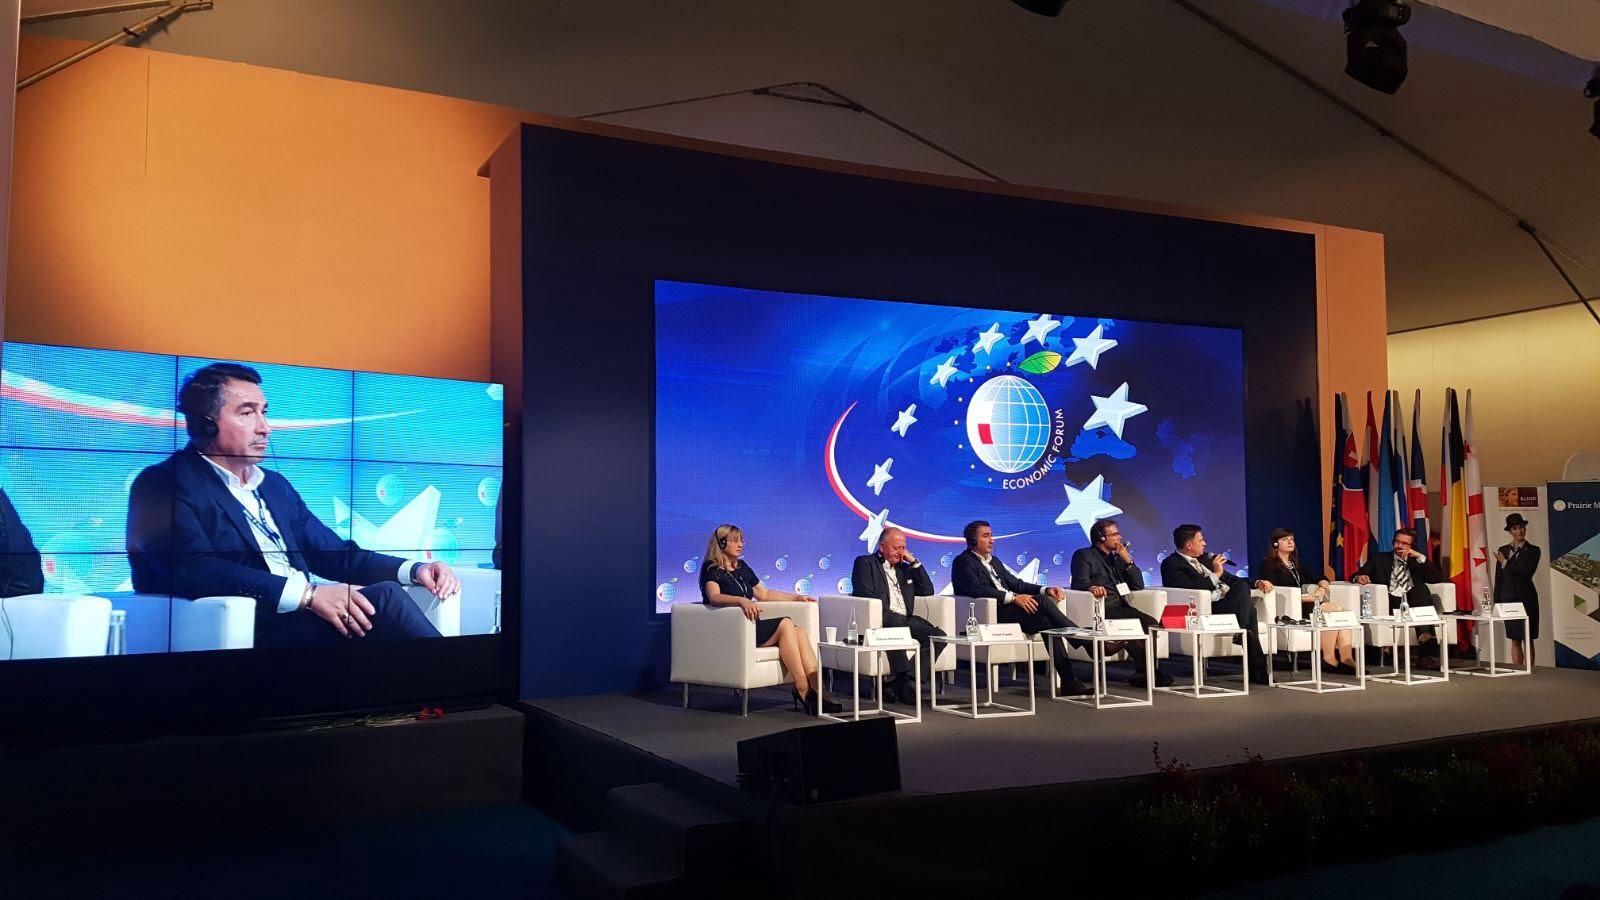 Proiectele de investiții ale județului Neamț, prezentate la cea de-a XXVII-a ediție a Forumului Economic din Krynica, Polonia